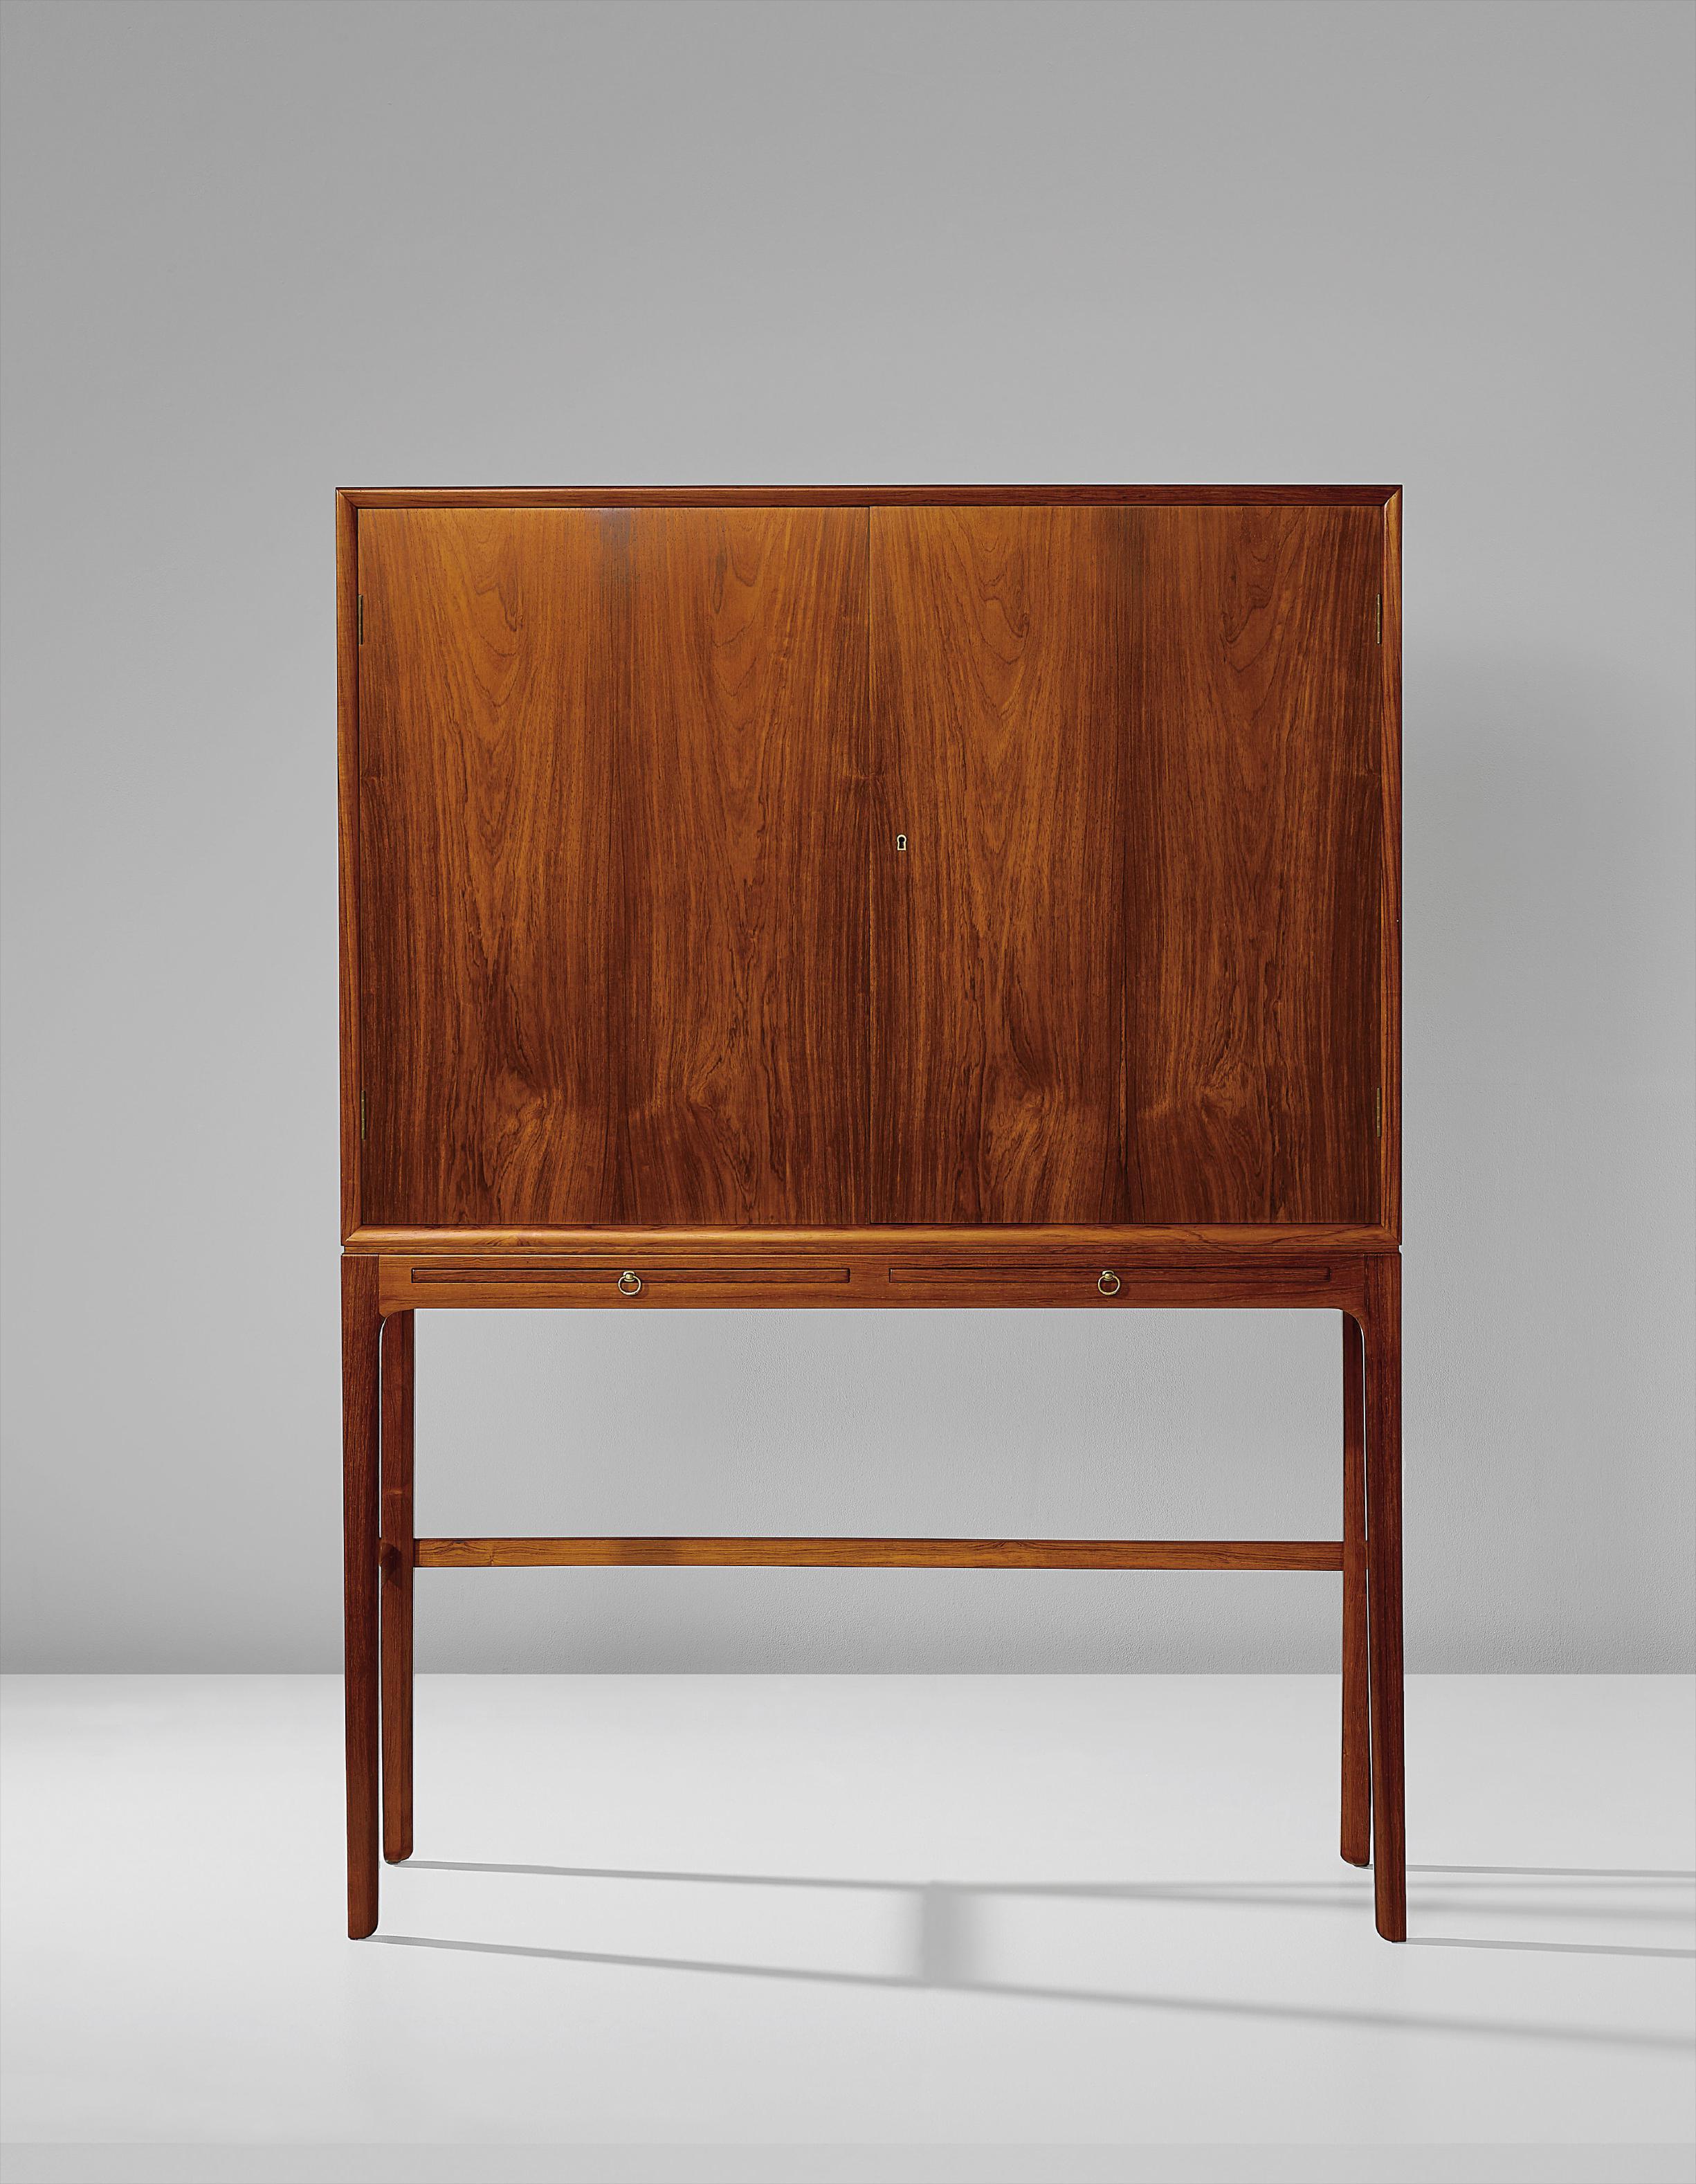 Ole Wanscher - Cabinet-1954